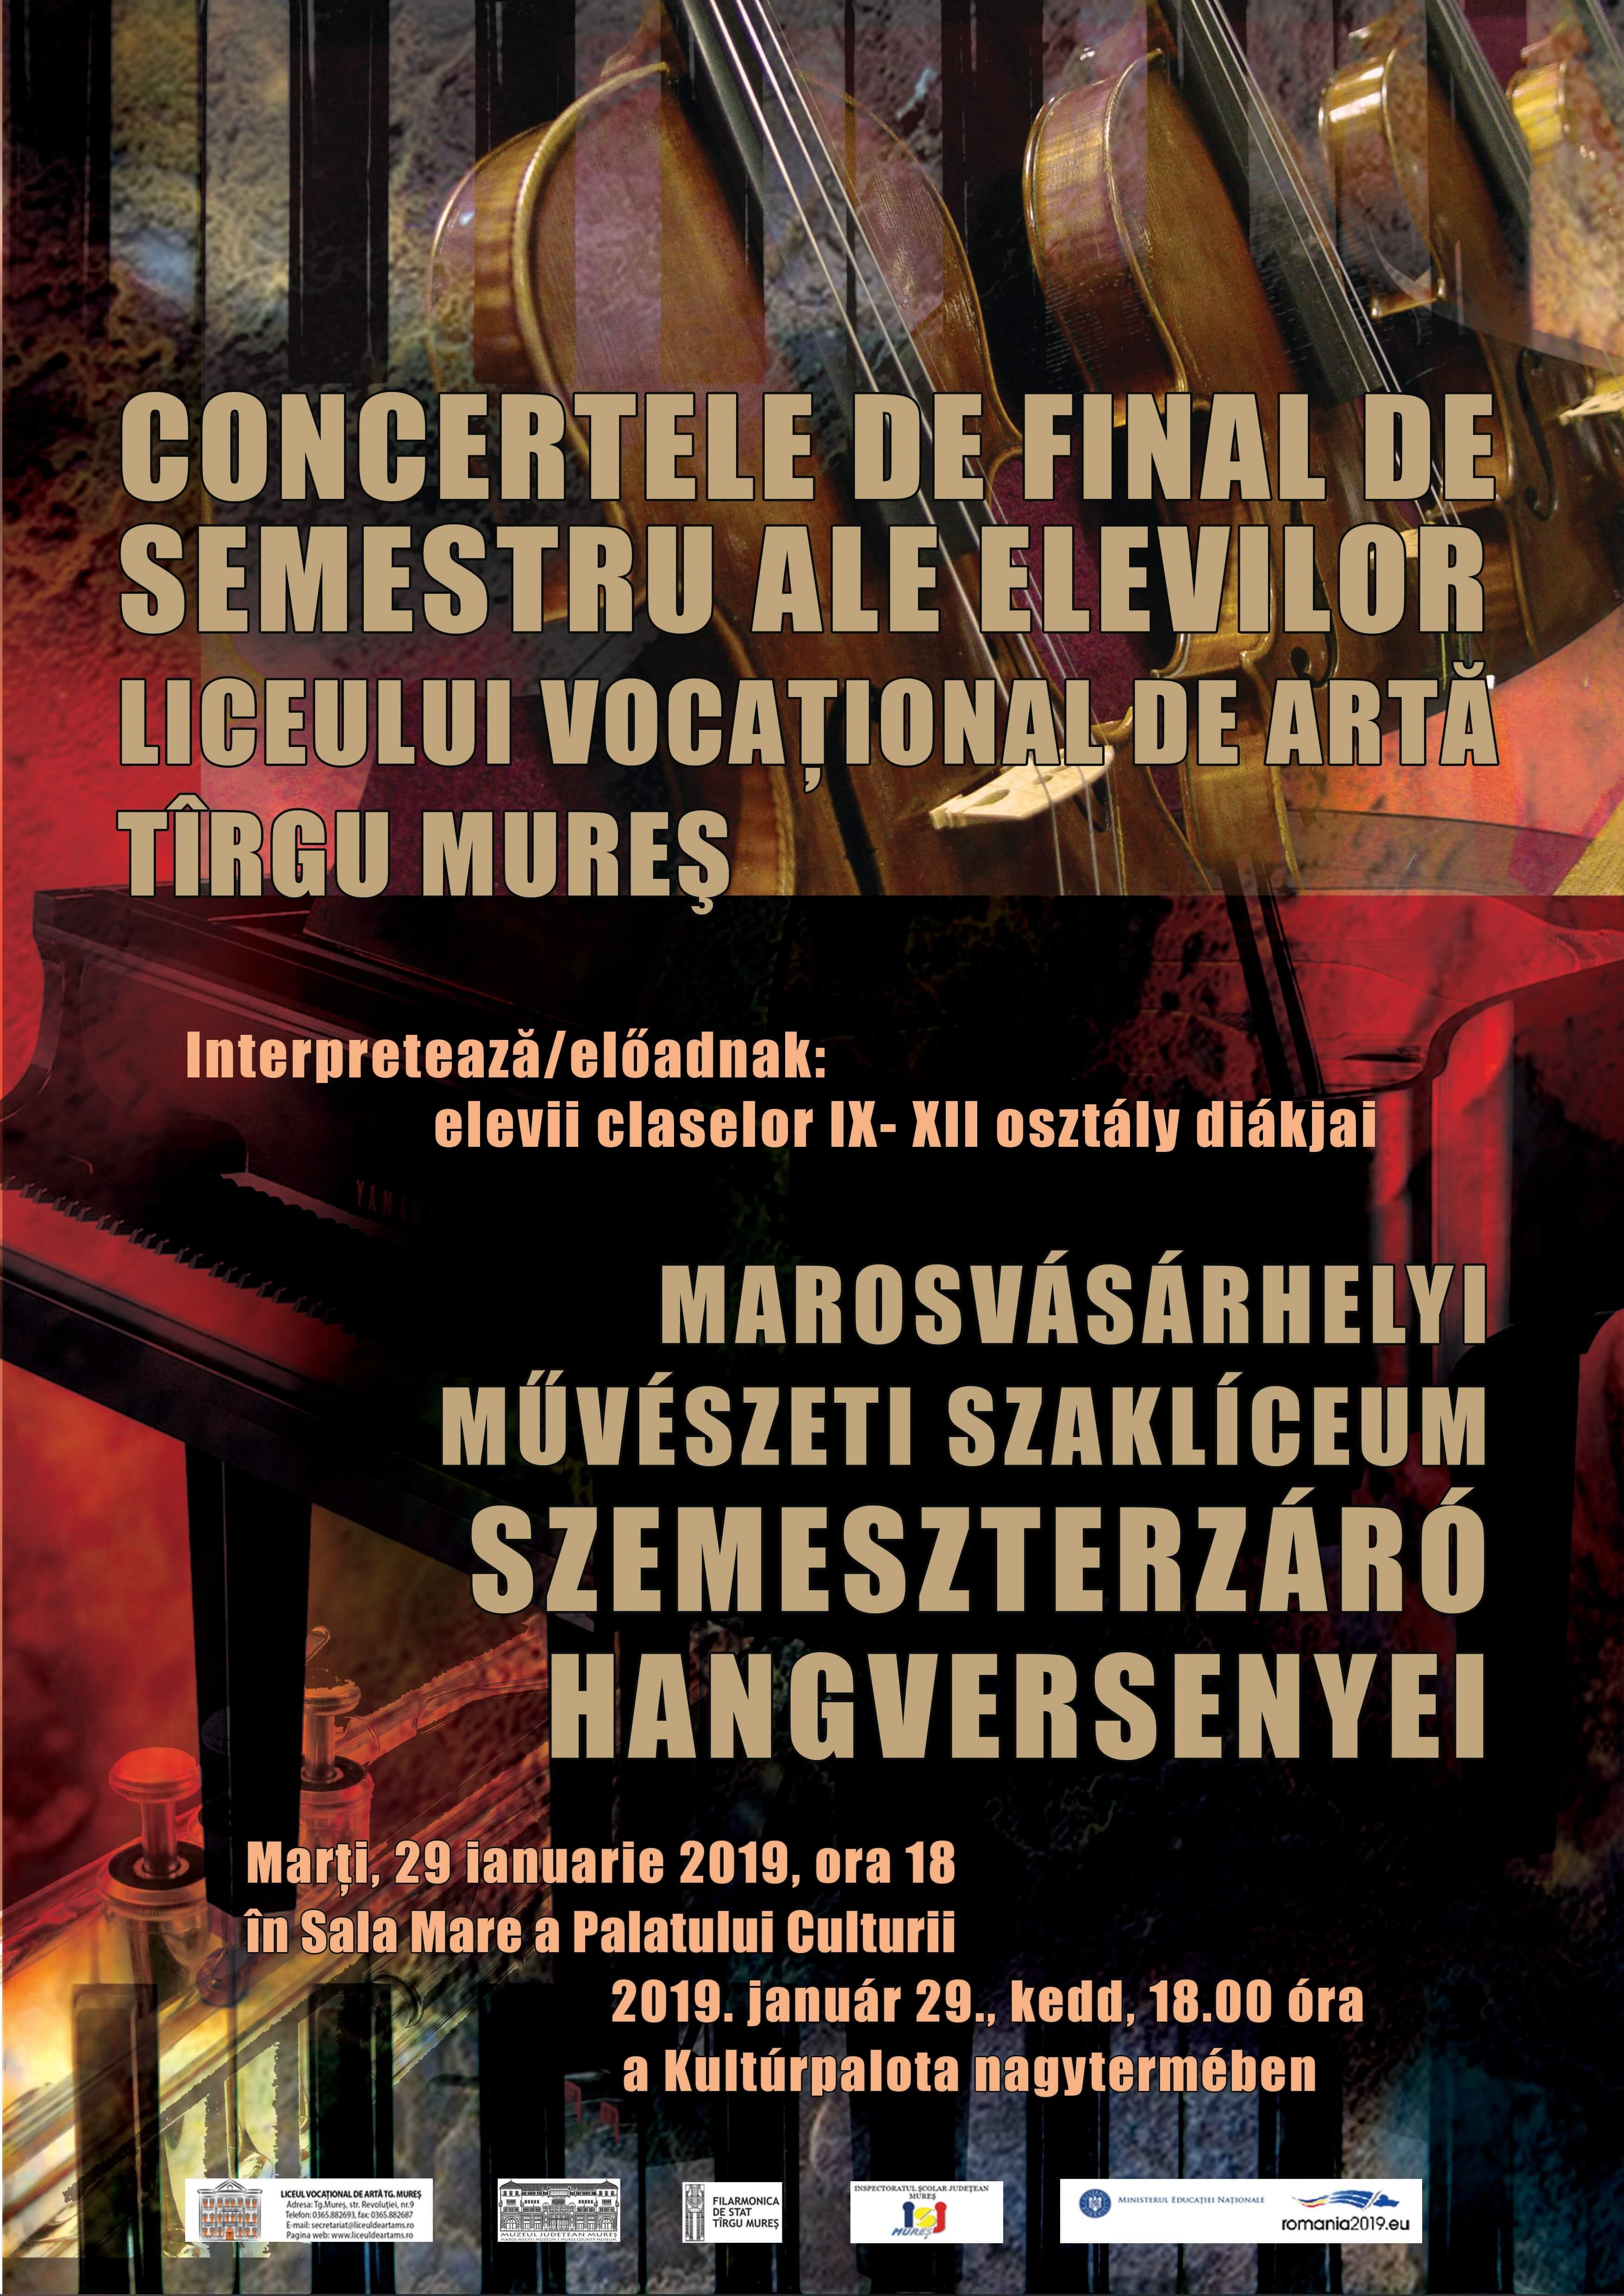 Concertele de final de semestru ale elevilor